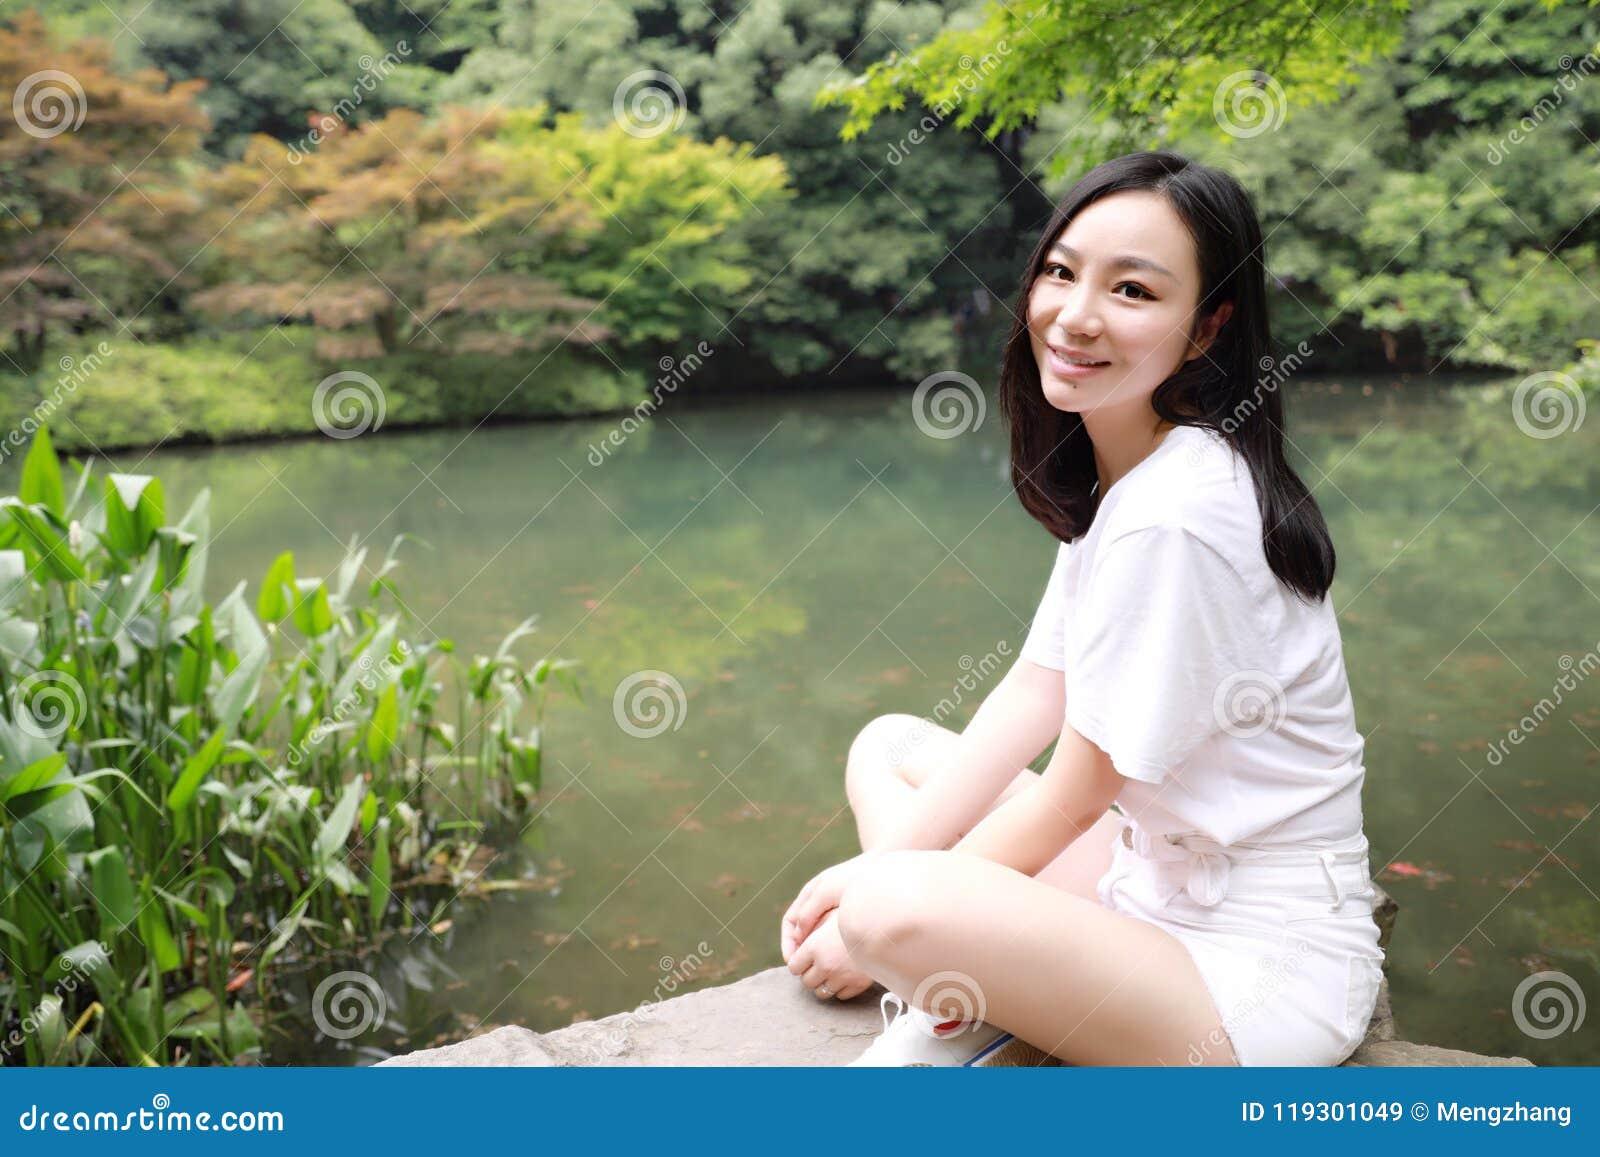 Szczęśliwej bezpłatnej uśmiechu pokoju równowagi medytaci piękna dziewczyny Azjatycka Chińska podróż wycieczkuje odoru klonu robi